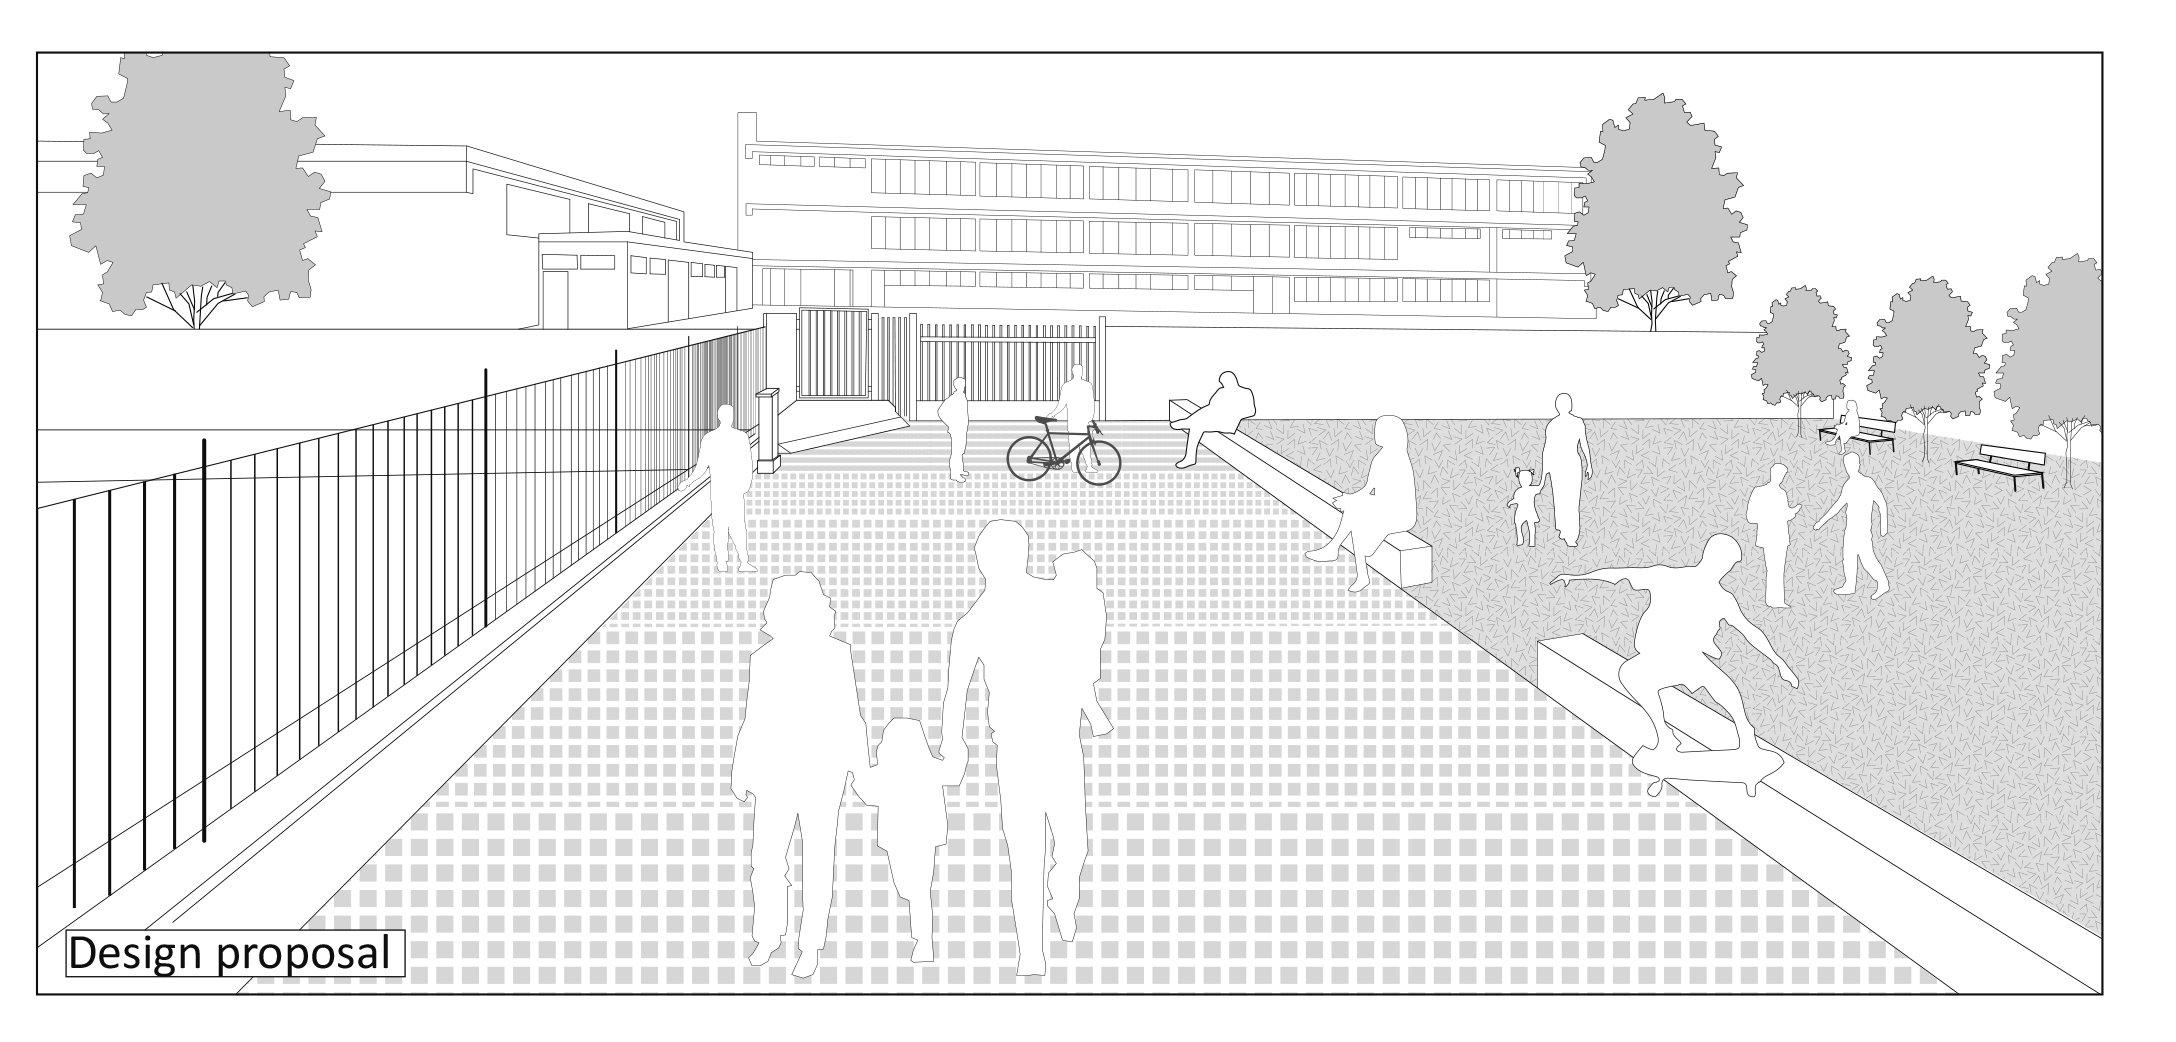 """Ingresso scuola:  progetto - Estratto da """"Street for pupils"""""""